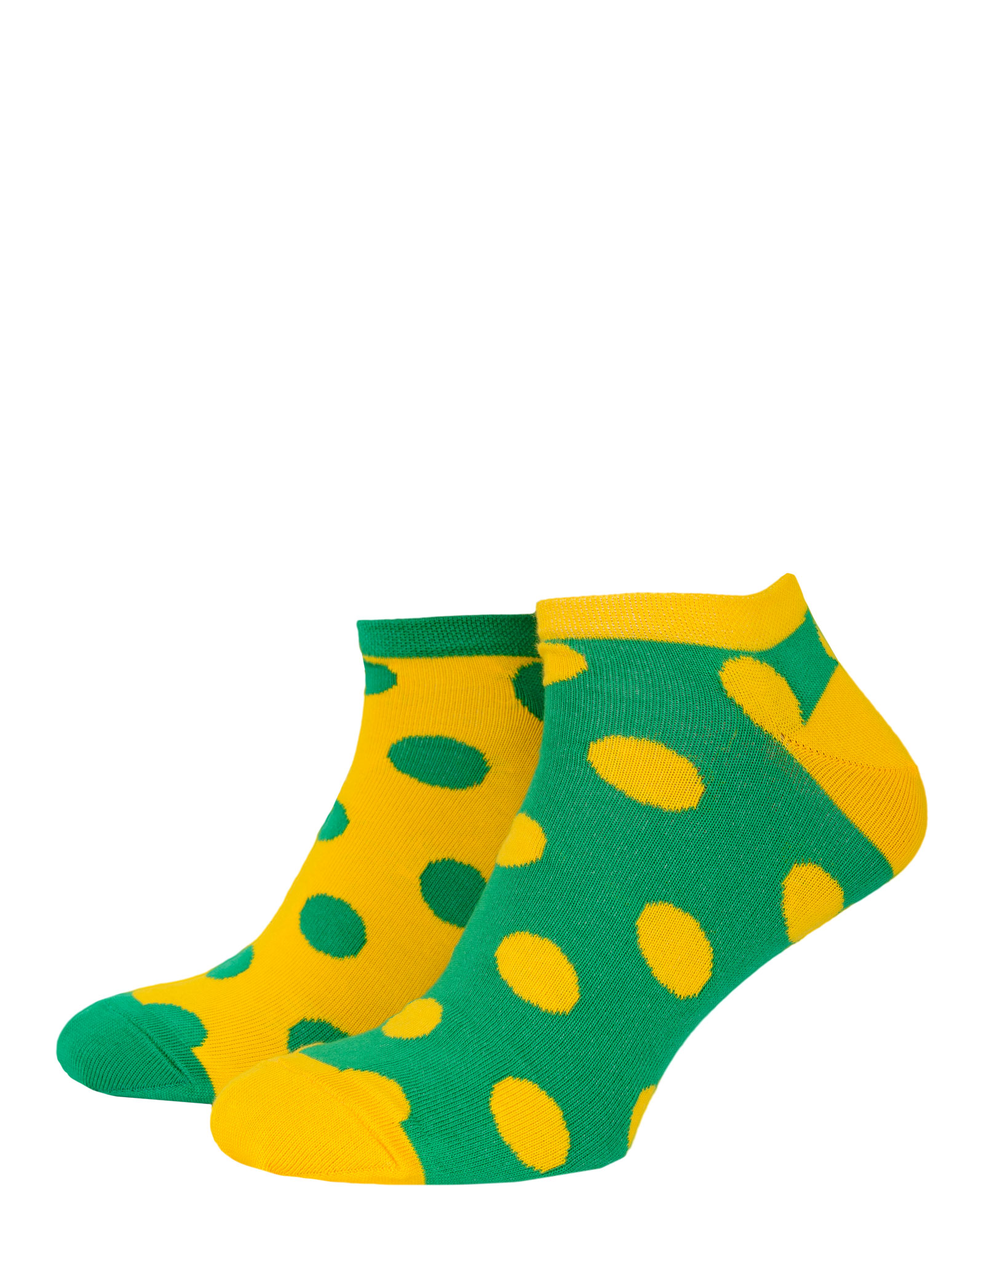 Шкарпетки Mushka Avo-avocado mini (DGYM001) 41-45